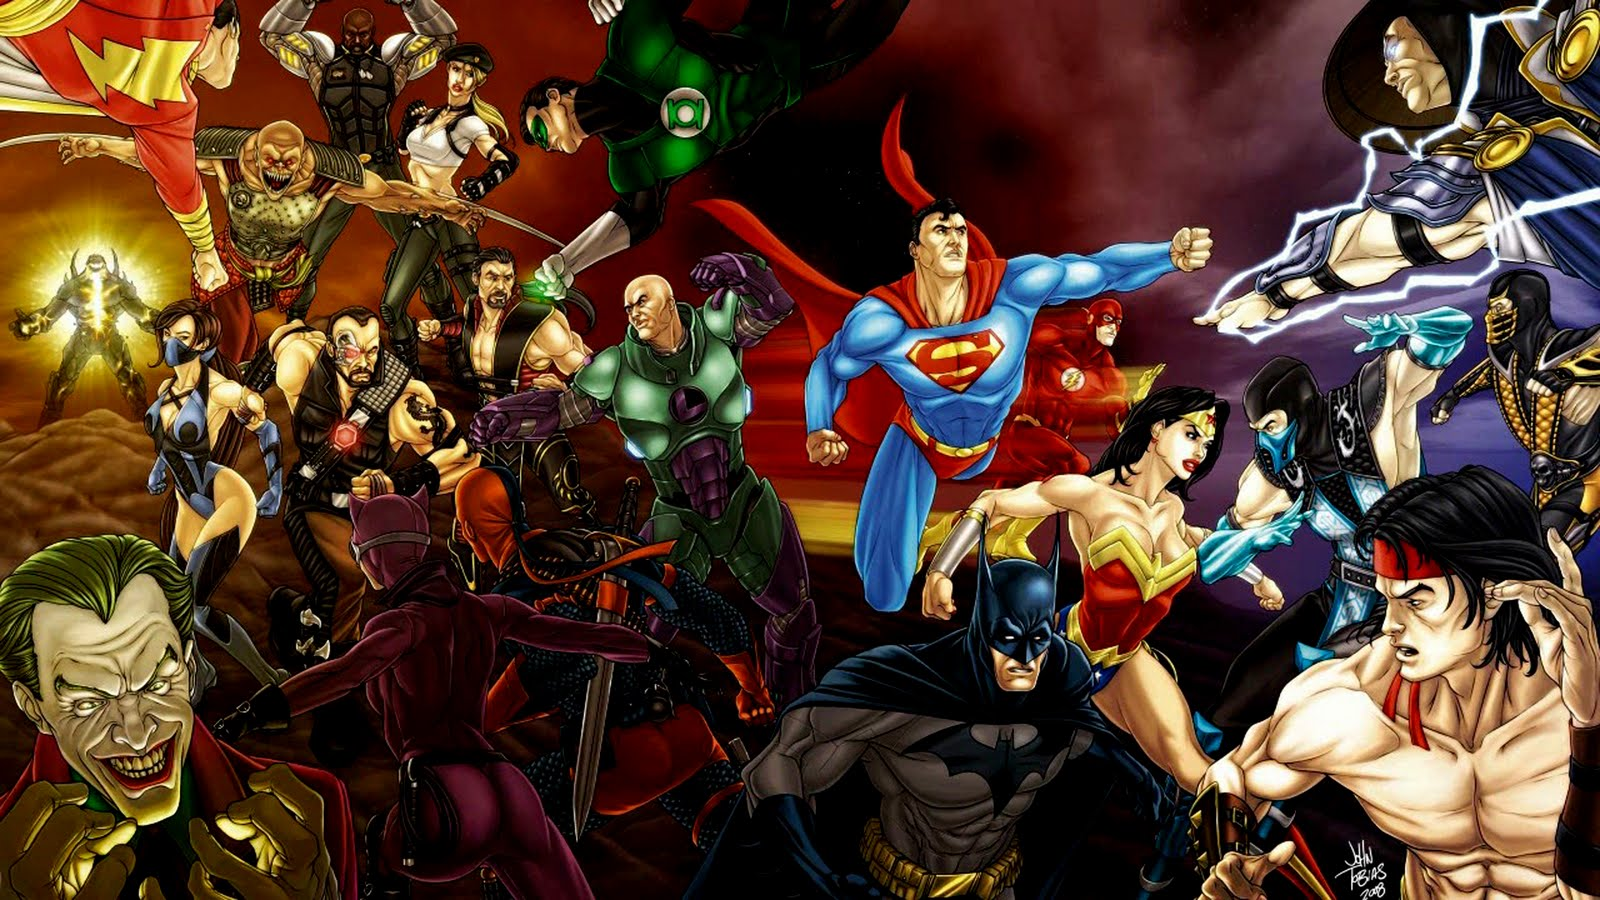 DC Comics All Characters HD Desktop Wallpapers Cartoon 1600x900